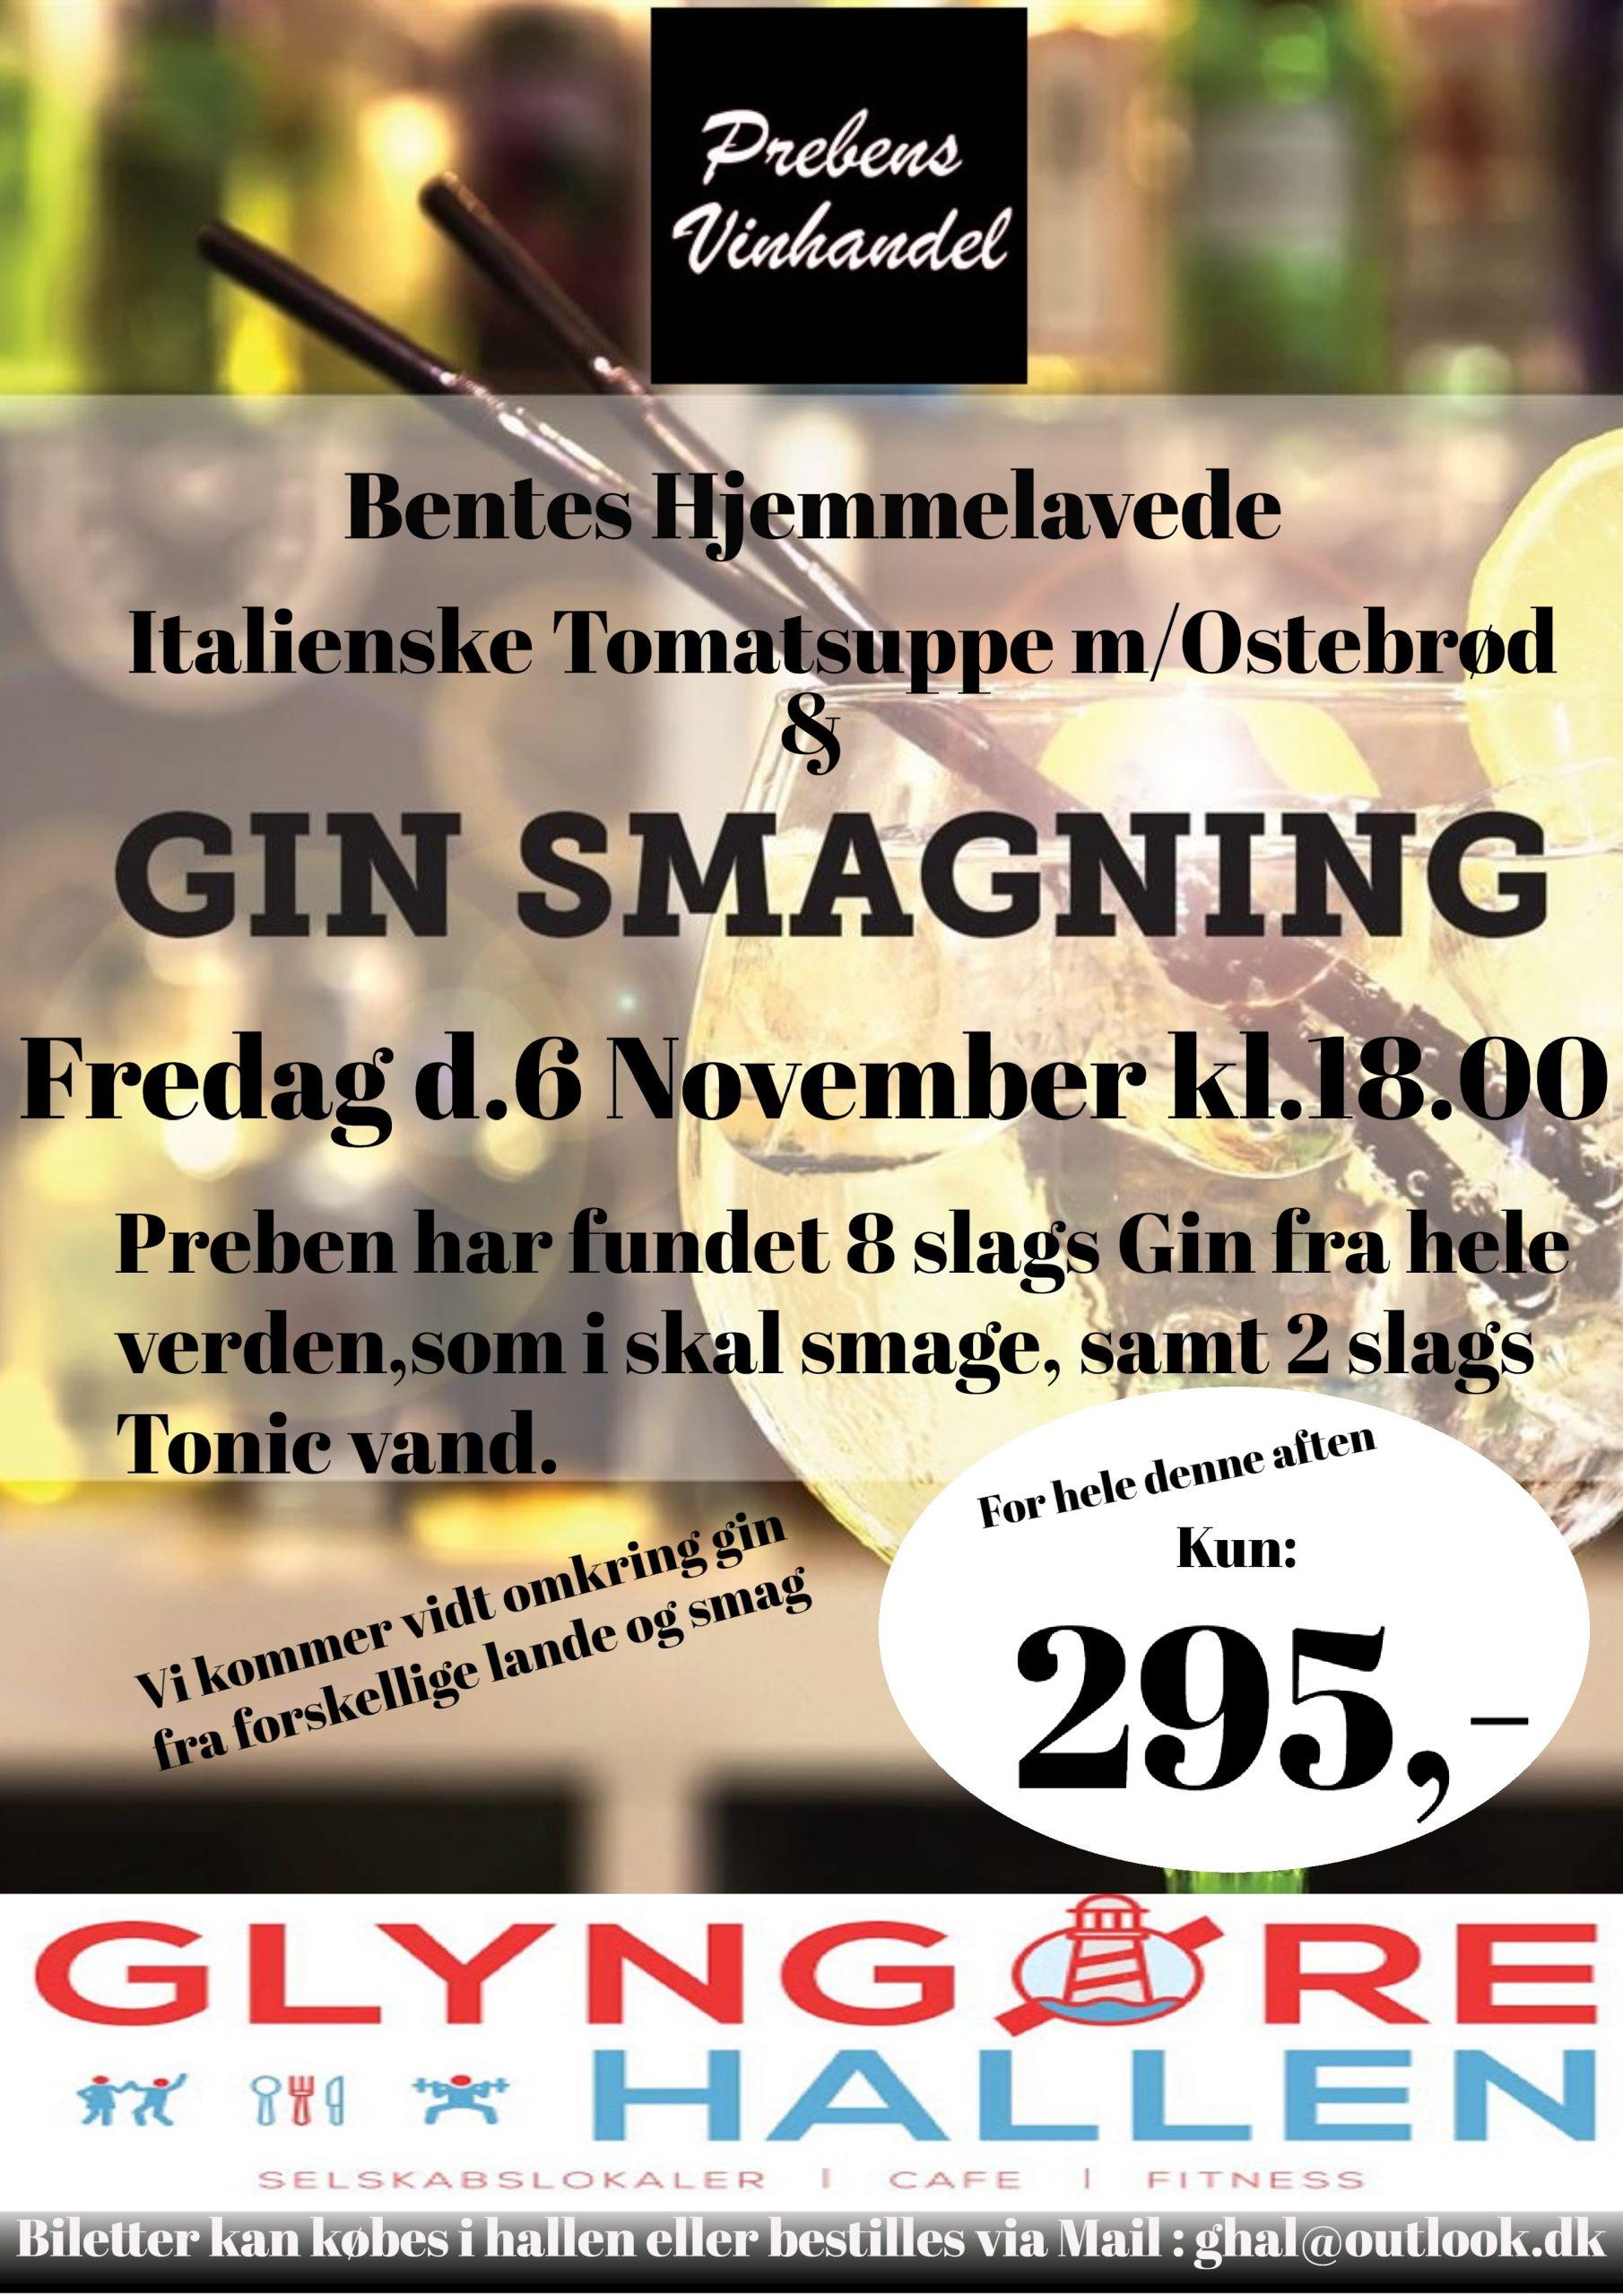 Mad og Gin smagning